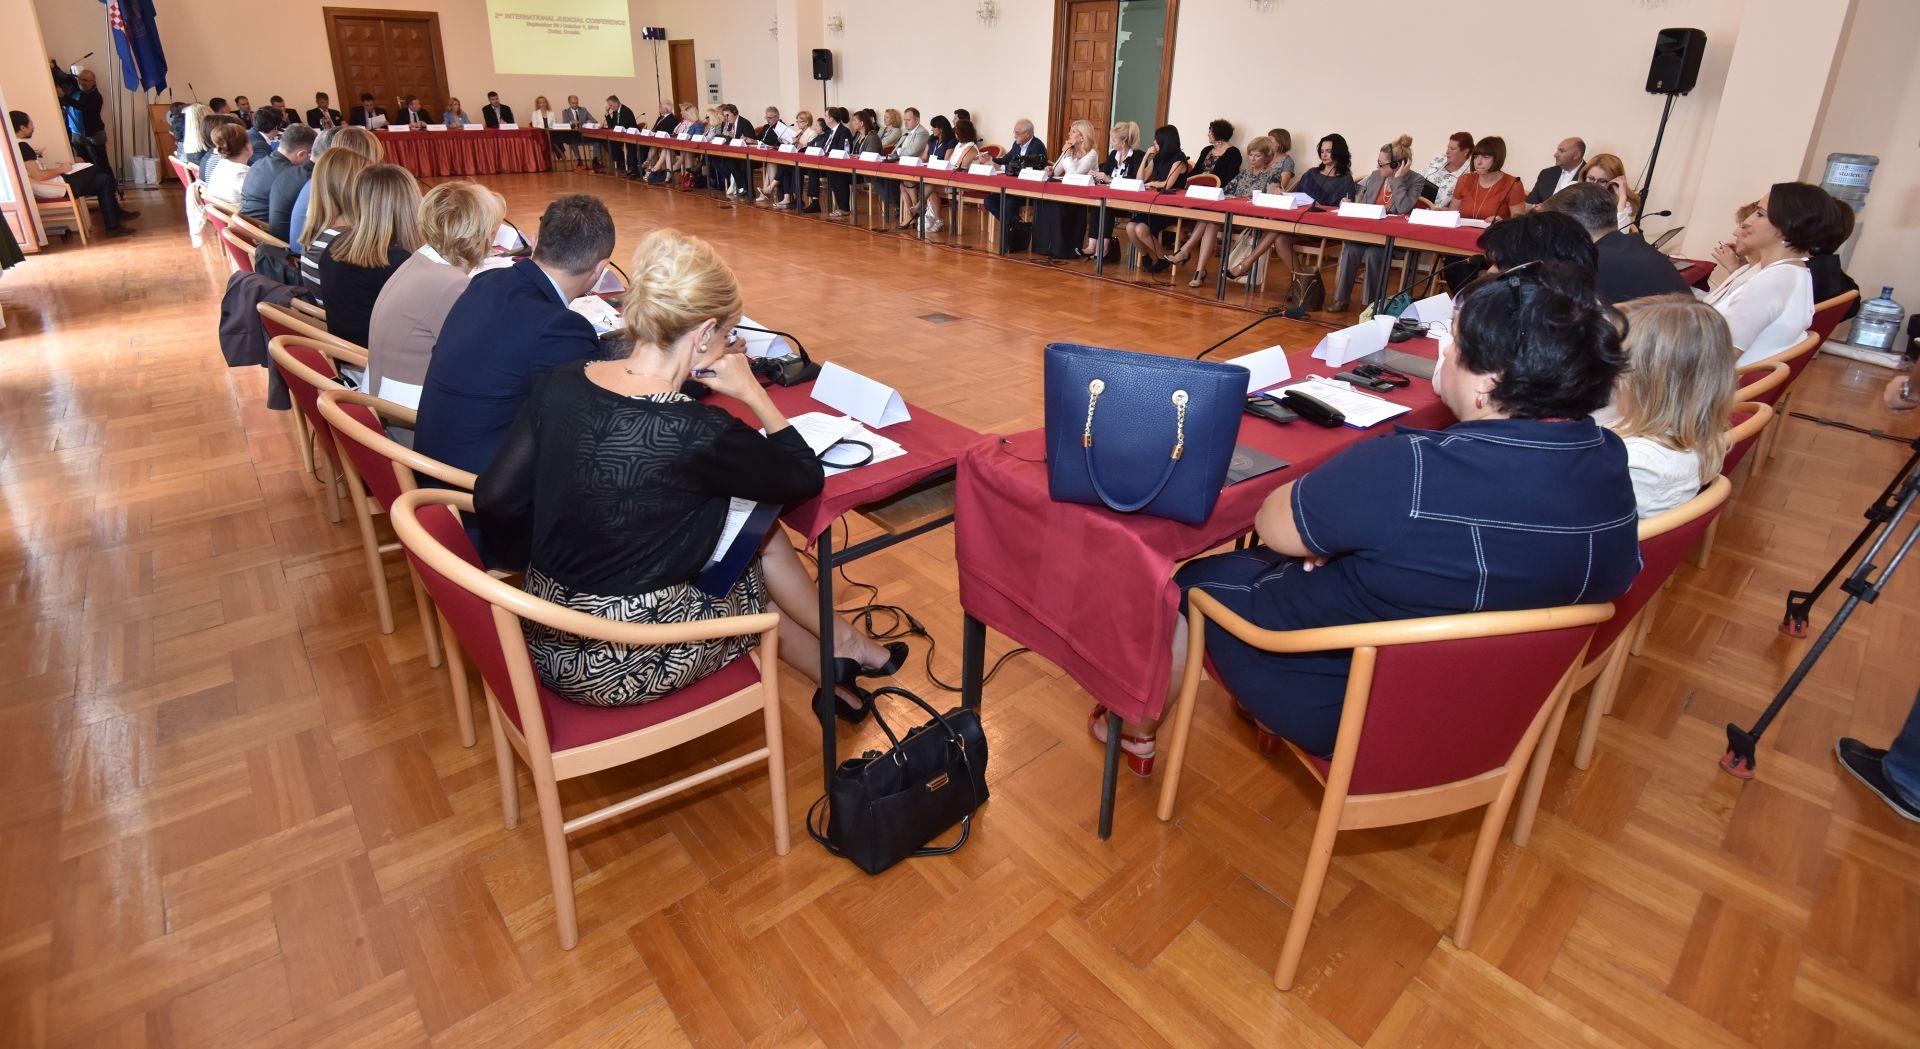 ZADAR Dvodnevna međunarodna konferencija, sudjeluje 75 sudaca iz 15 zemalja